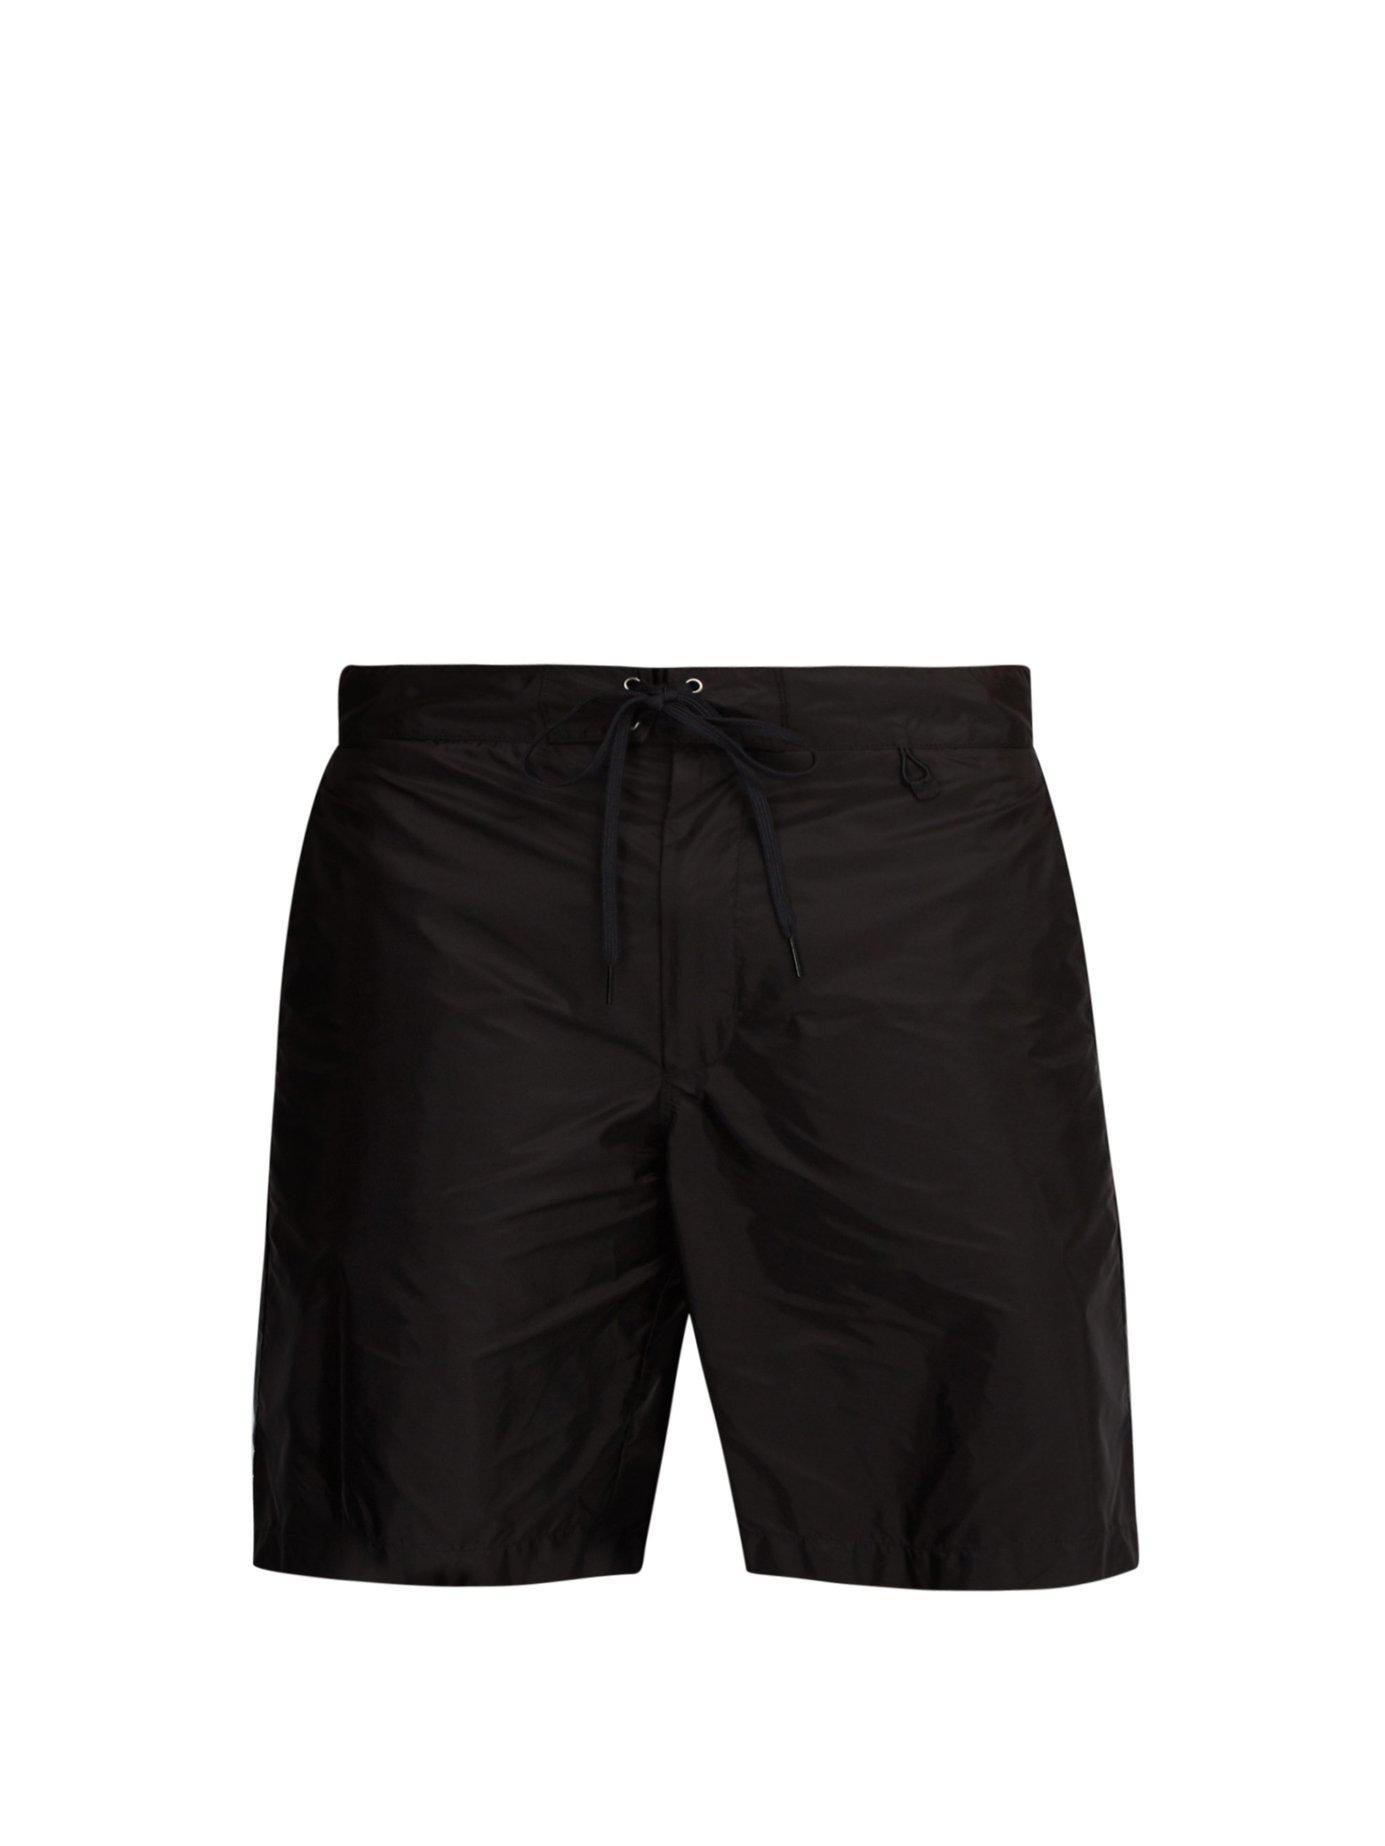 439ae39748 Lyst - Prada Nylon Board Shorts in Black for Men